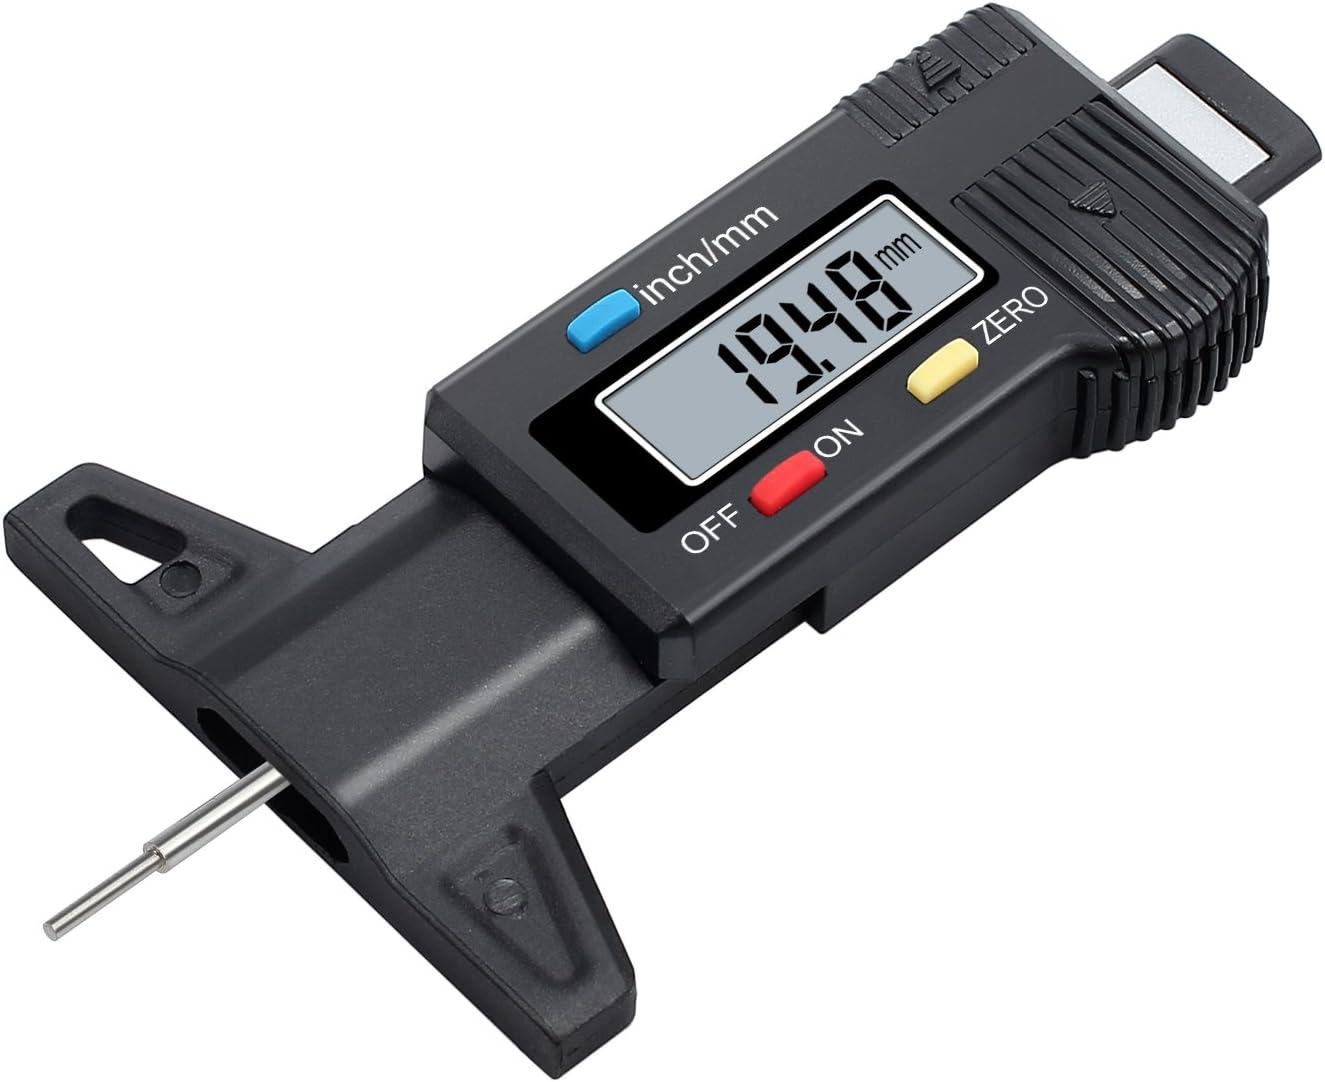 Pneumatici Profondit/à del battistrada calibro della gomma del tester del calibro Misuratore battistrada Checker Tyre Tester